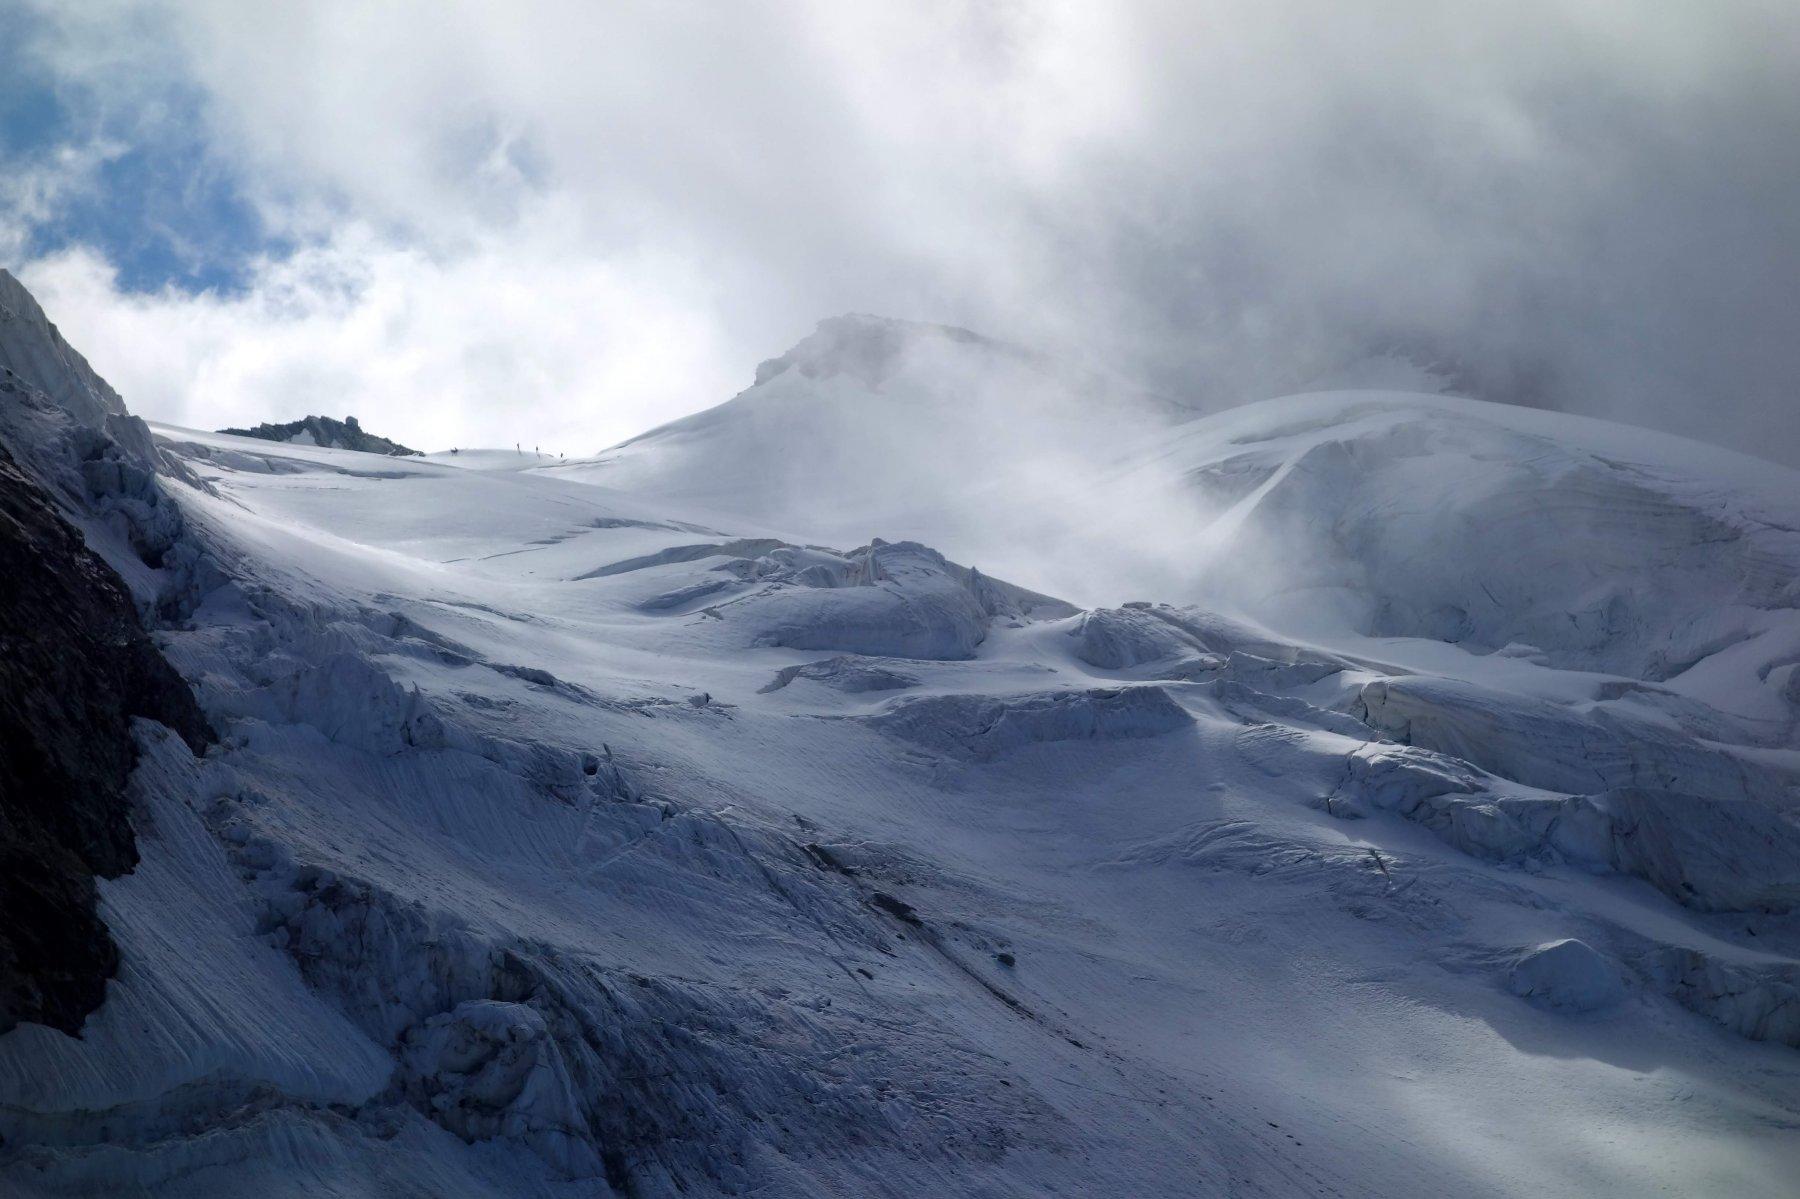 Fotografati da un'alpinista che si trovava sulla Tiefenmatten